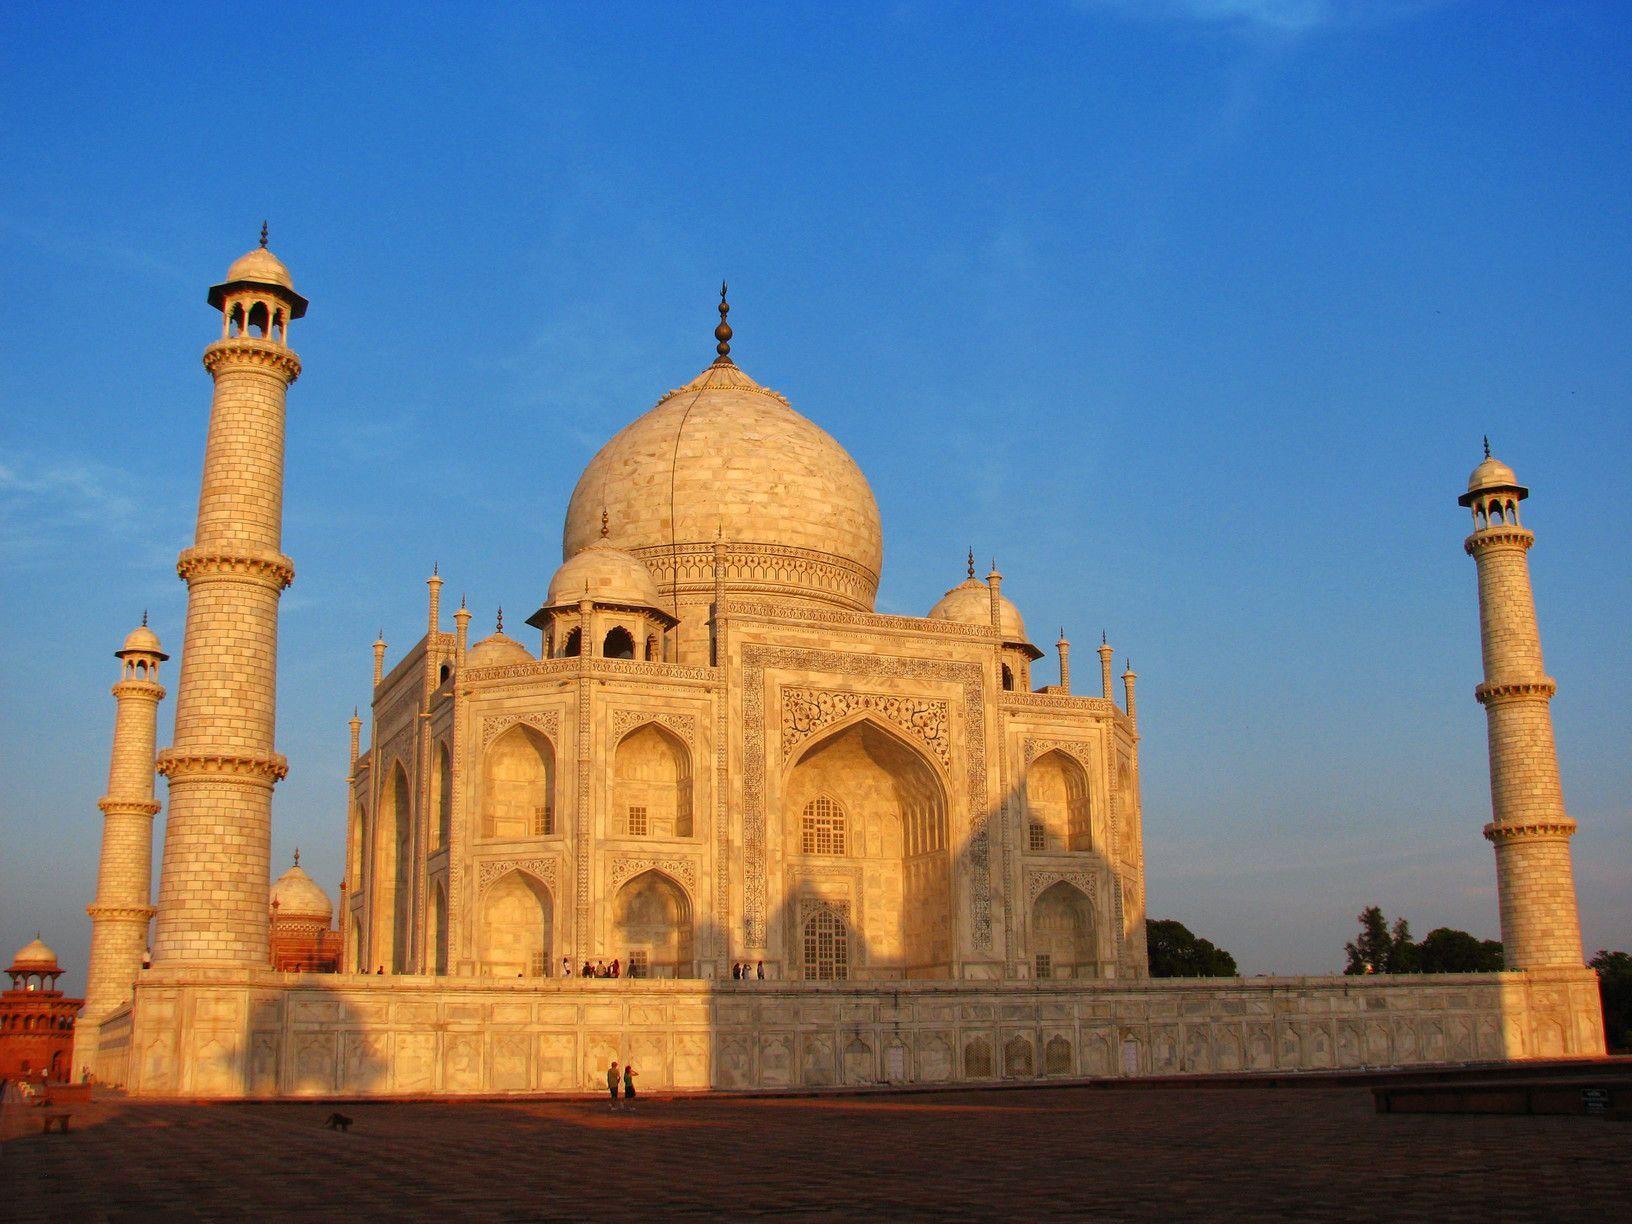 Si quieres cumplir tu sueño de realizar el viaje a un mundo de maravillas, historia y paisajes increíbles, existe el equipo de consultores altamente profesionales, con experiencia y pasión, que hará que tu viaje a la India sea inolvidable: https://www.viajeindia.com/quienes-somos/agencia-de-viajes-para-india #agencia #viajes #paraindia